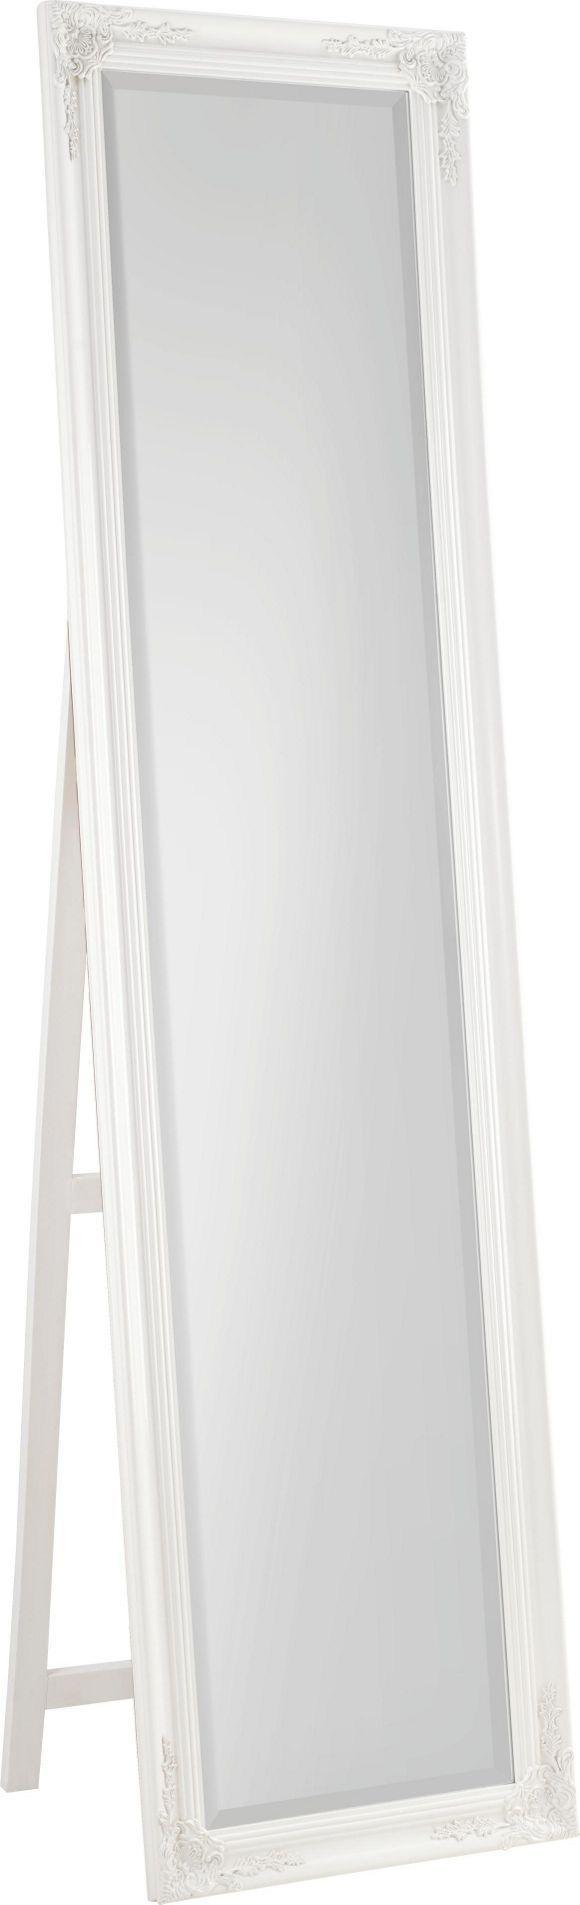 Dieser kunstvoll verzierte Standspiegel ist ein echter Hingucker in Ihrem Zuhause. Das beweist schon der weiße Rahmen. Dank der Höhe von ca. 180 cm ist das Accessoire bestens als Ganzkörperspiegel geeignet. So können Sie sich schnell vom perfekten Sitz Ihrer Kleidung überzeugen. Verschönern Sie Ihre Räume mit diesem chicen und praktischen Standspiegel!